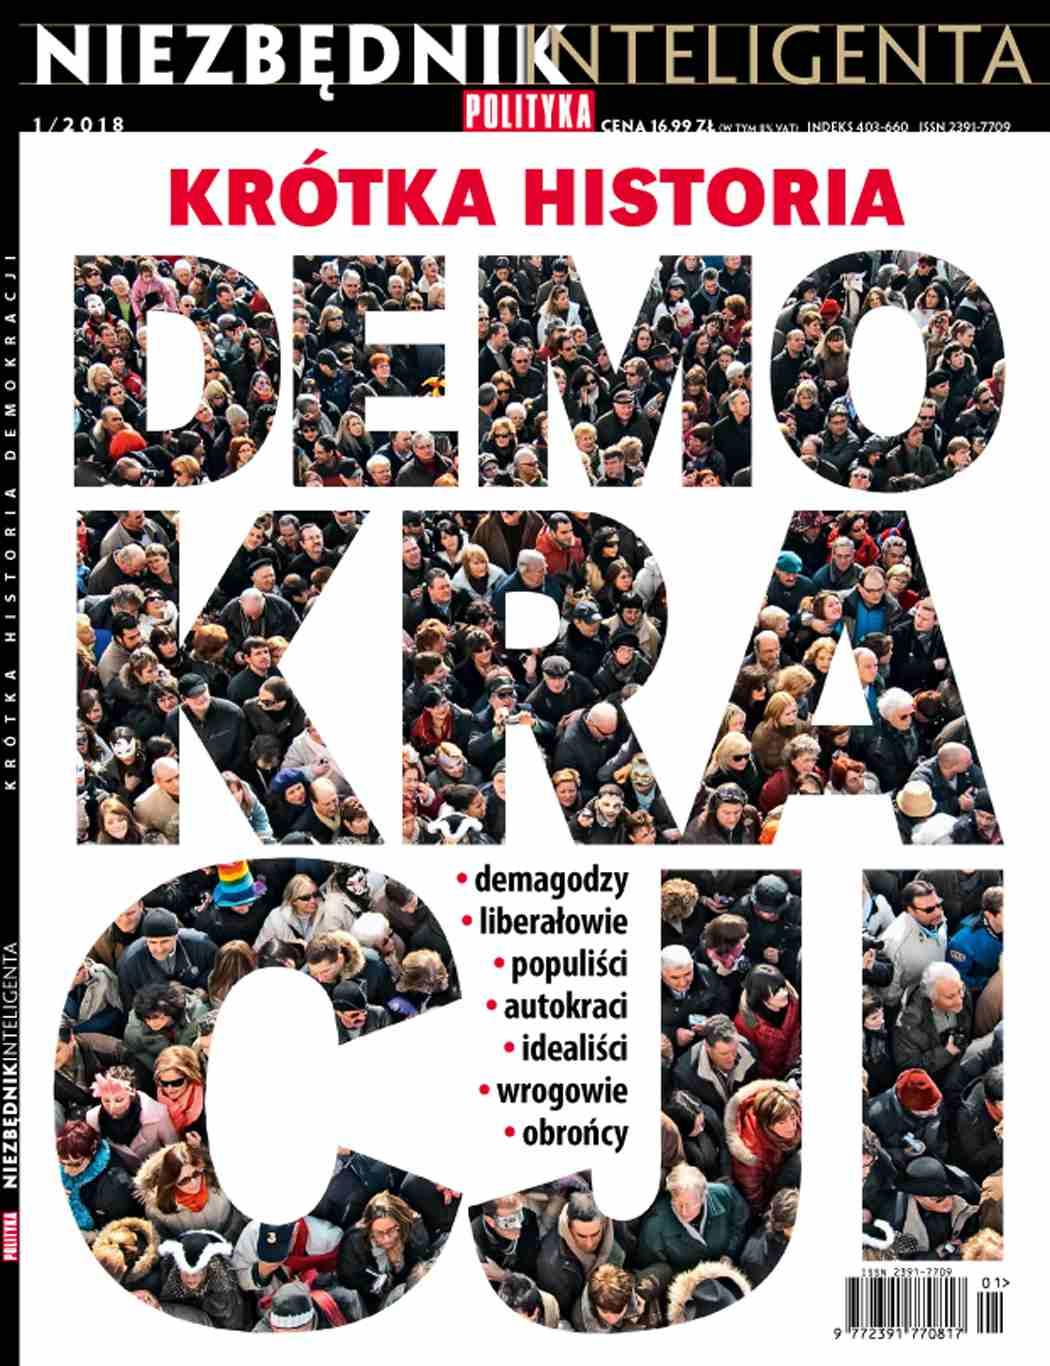 Niezbędnik inteligenta. Krótka historia Demokracji - Ebook (Książka PDF) do pobrania w formacie PDF